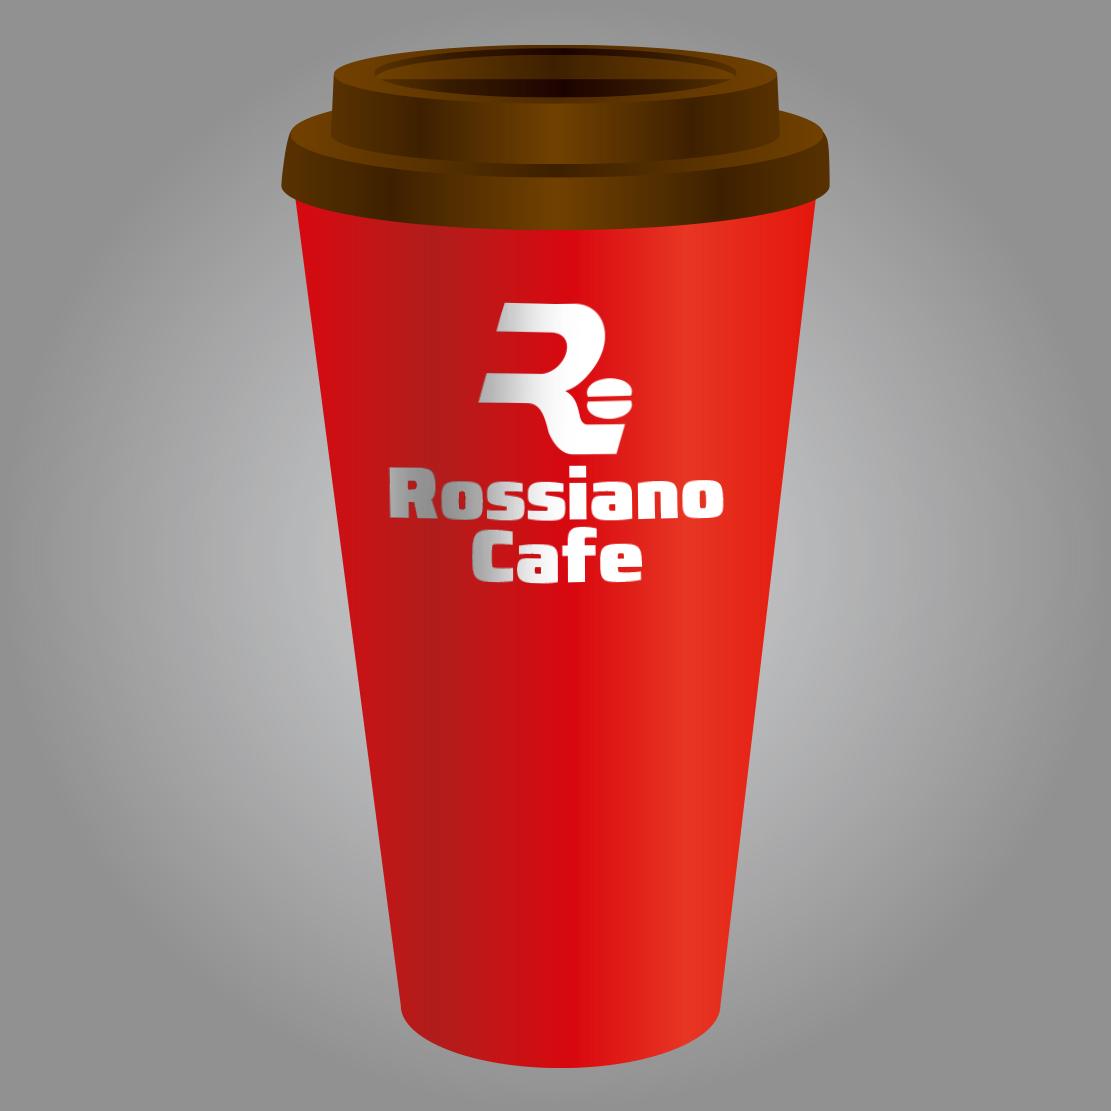 Логотип для кофейного бренда «Rossiano cafe». фото f_66957c7d51e213d1.jpg